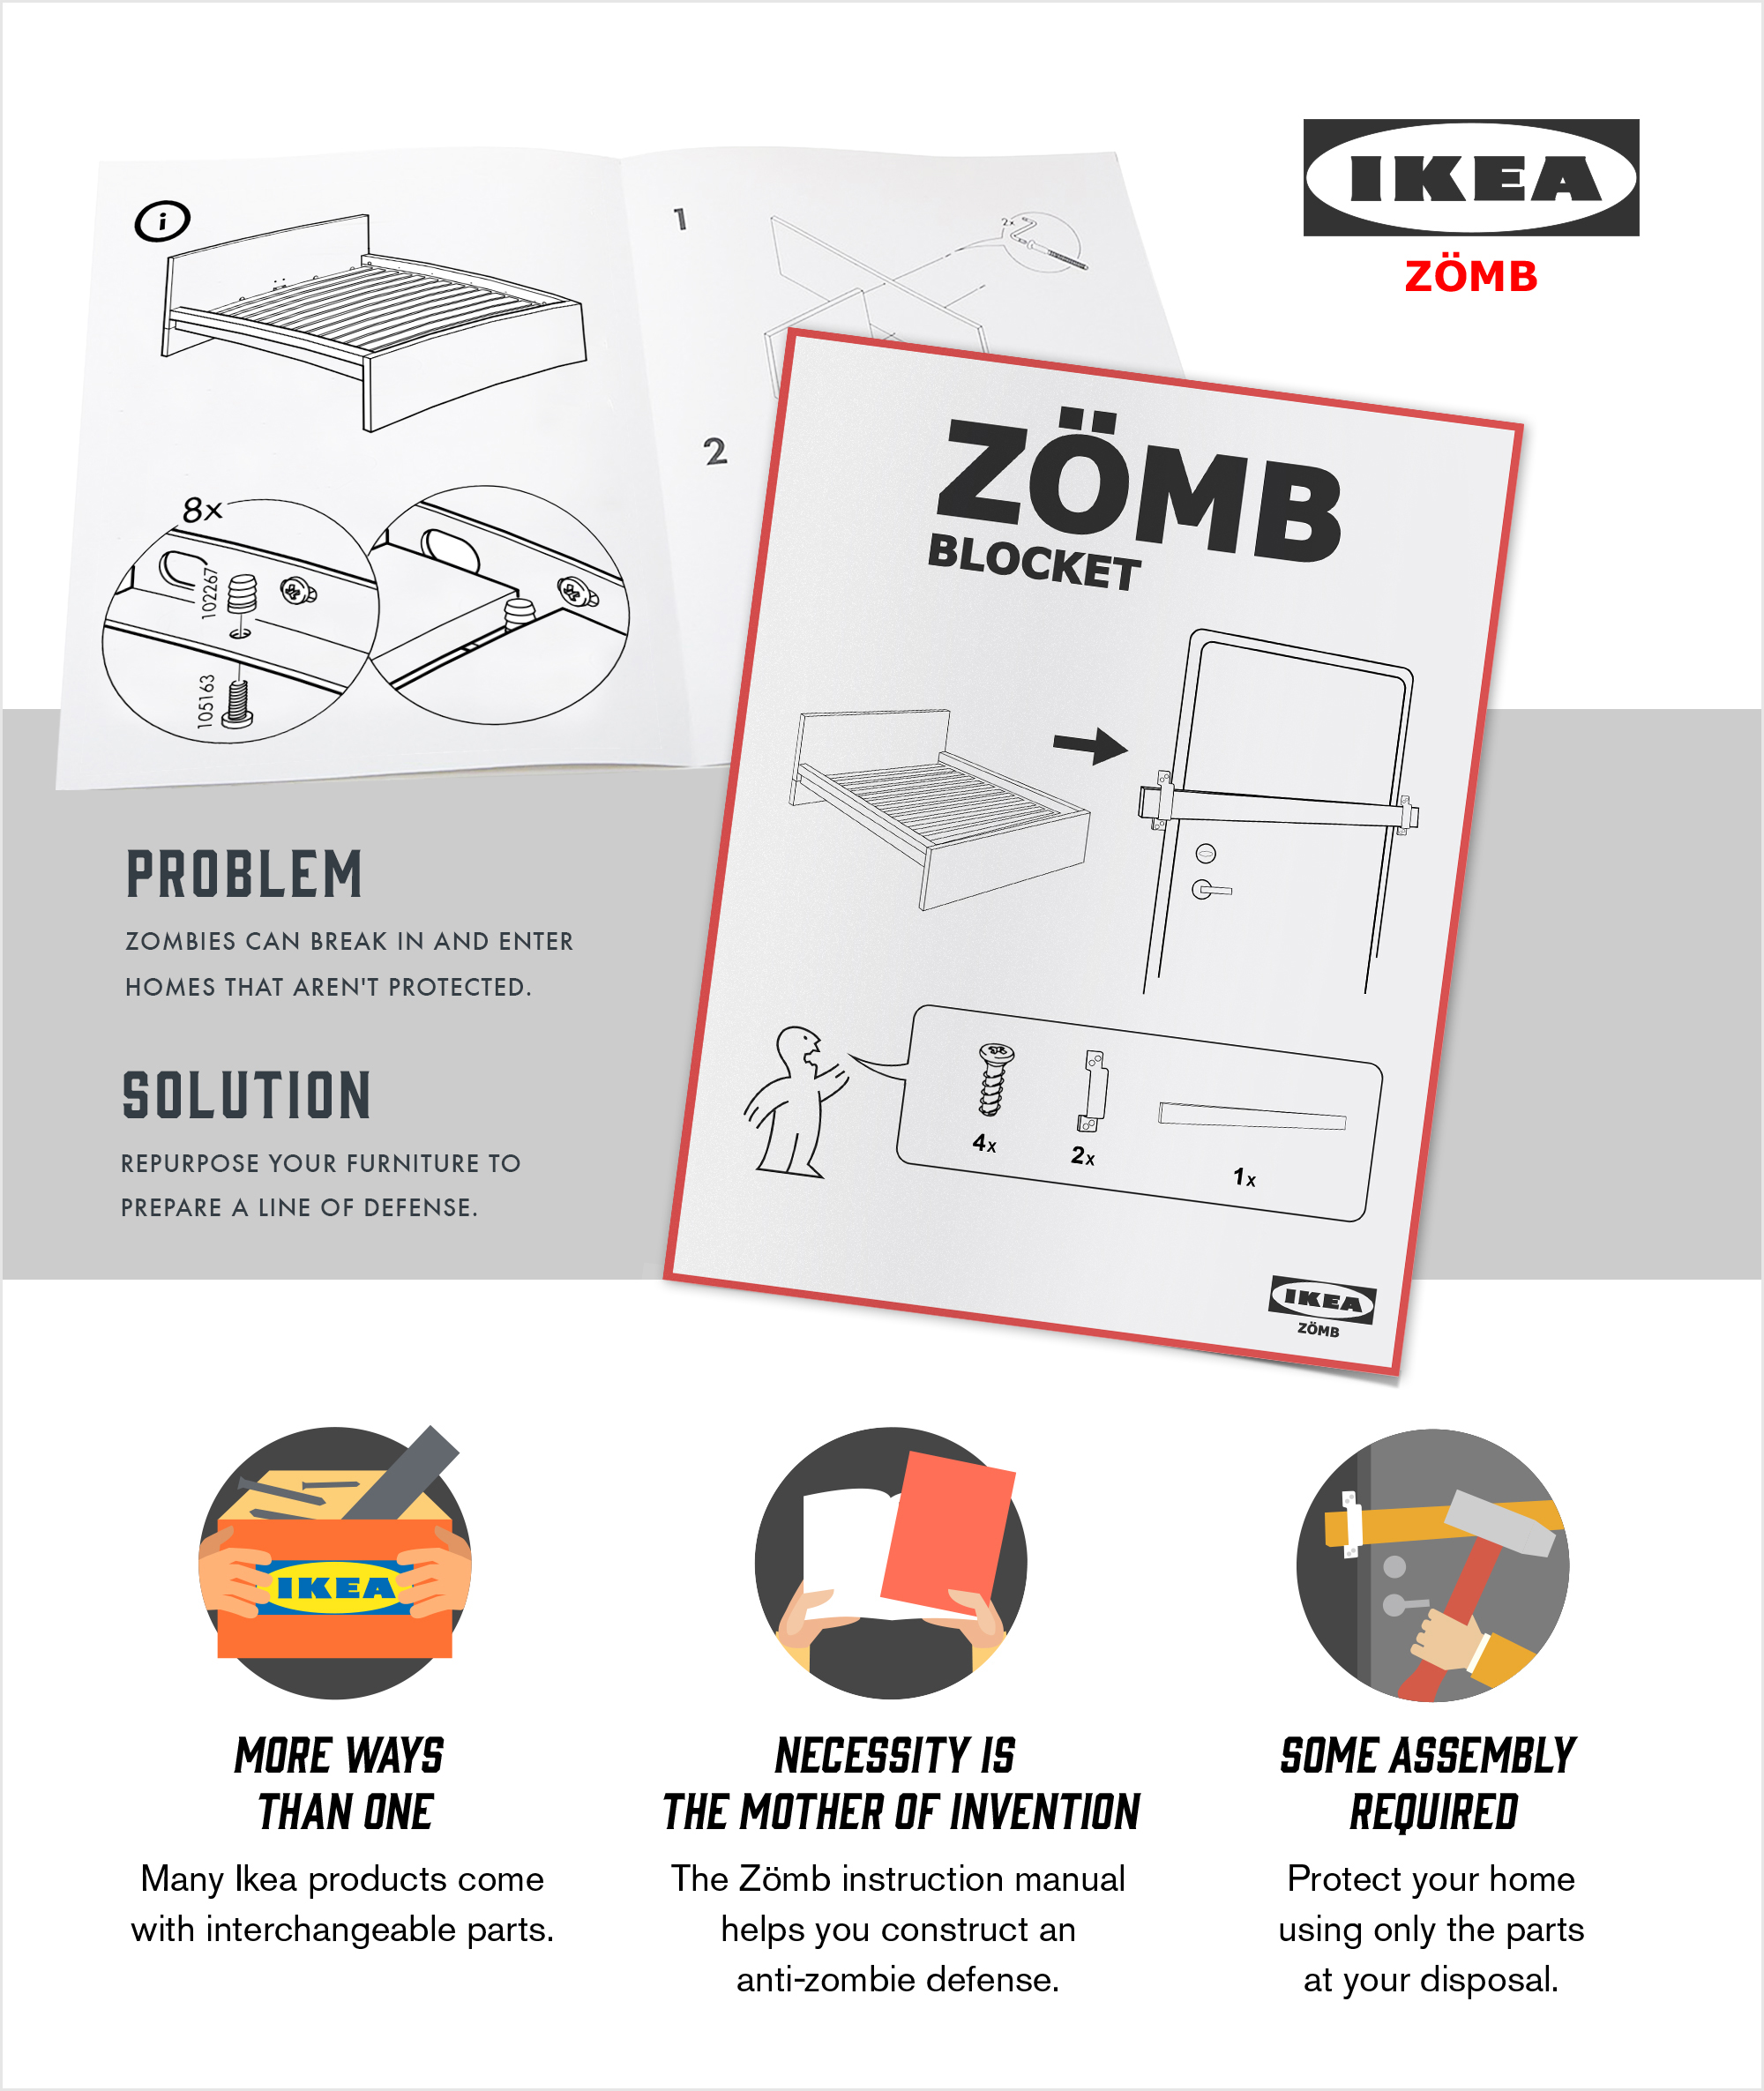 Ikea_Blocket_Zombies_Art_Director.jpg